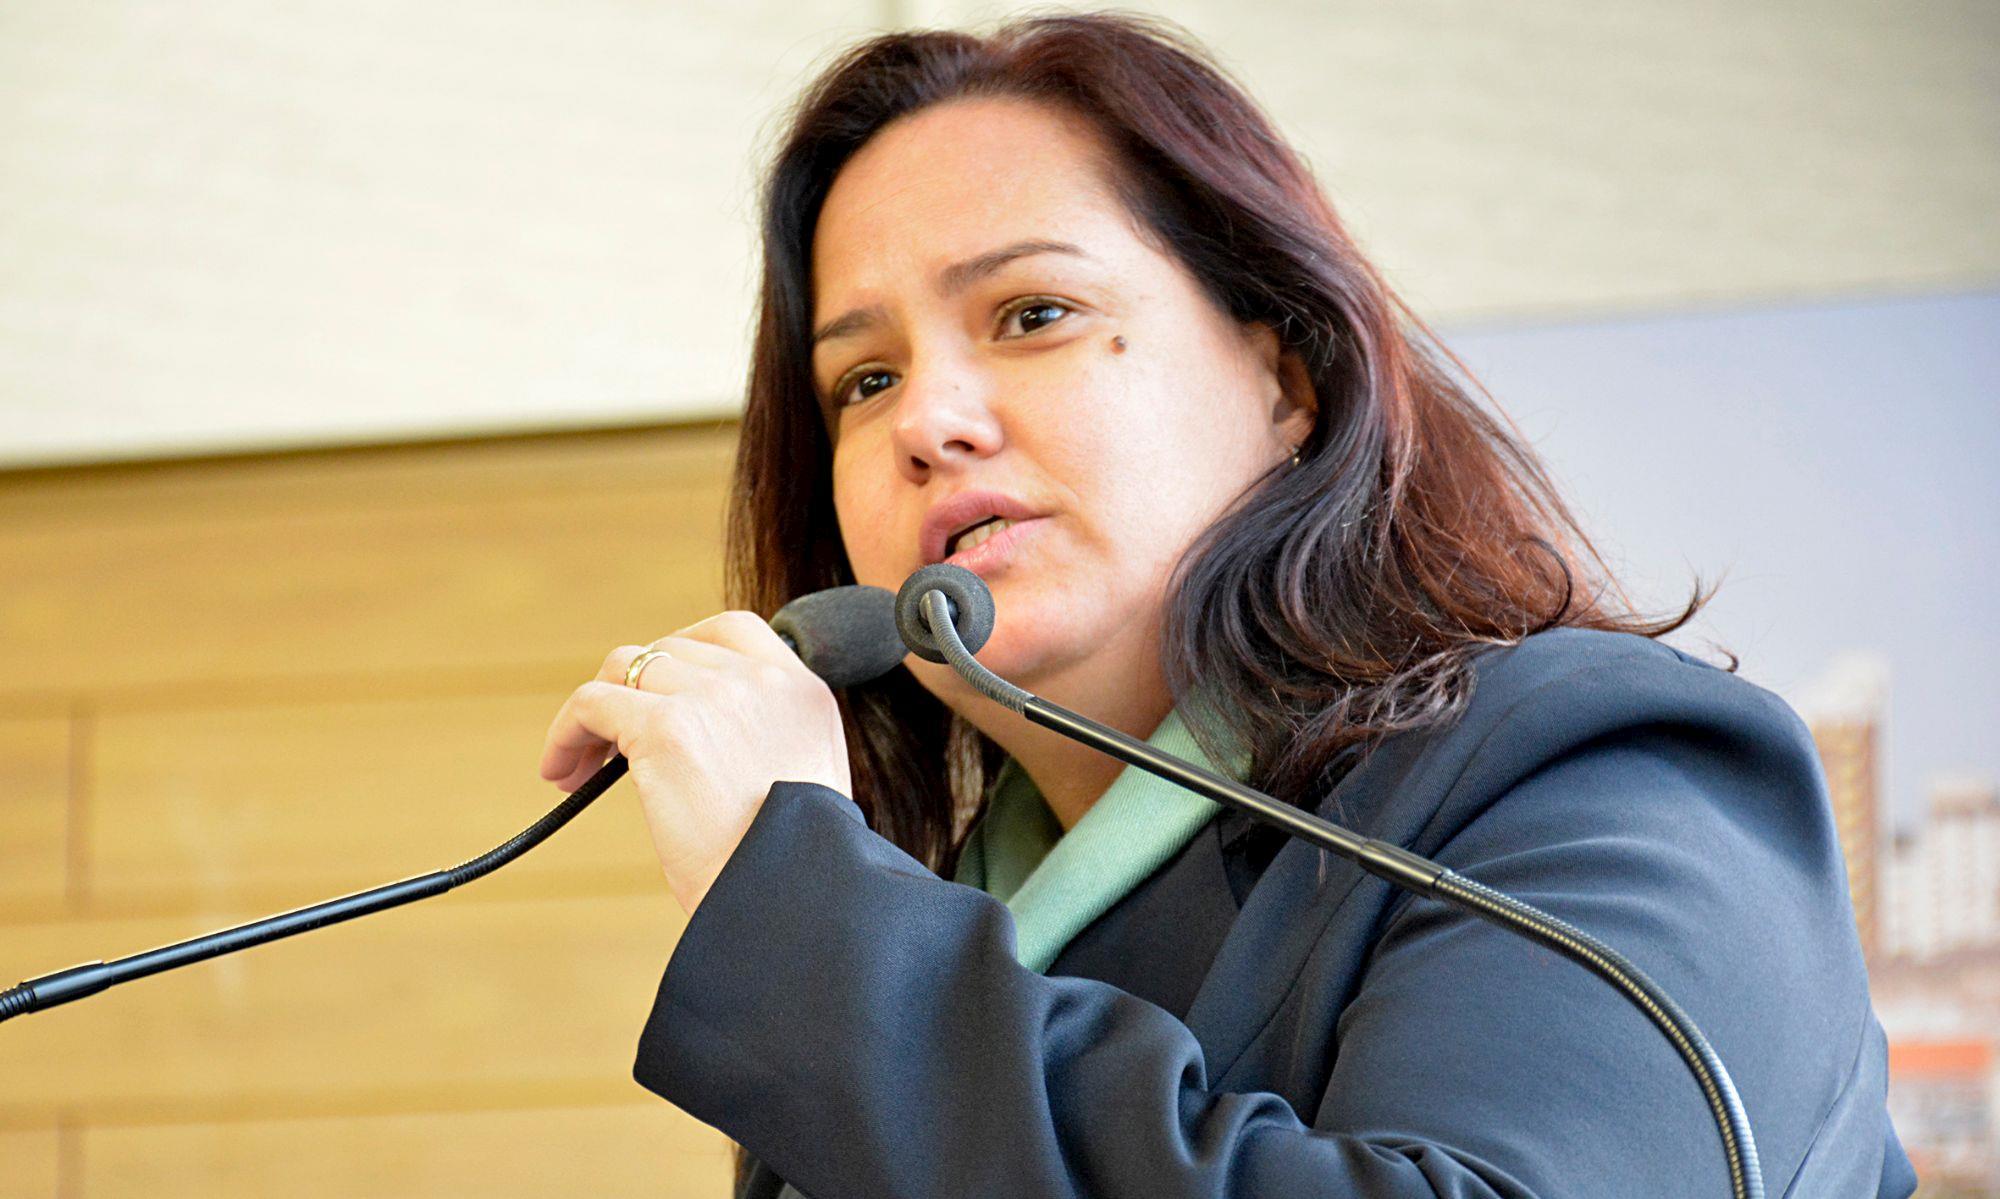 Emanuela, Barros, mulher, conselho, sorocaba, advogada, Foguinho/Imprensa SMetal